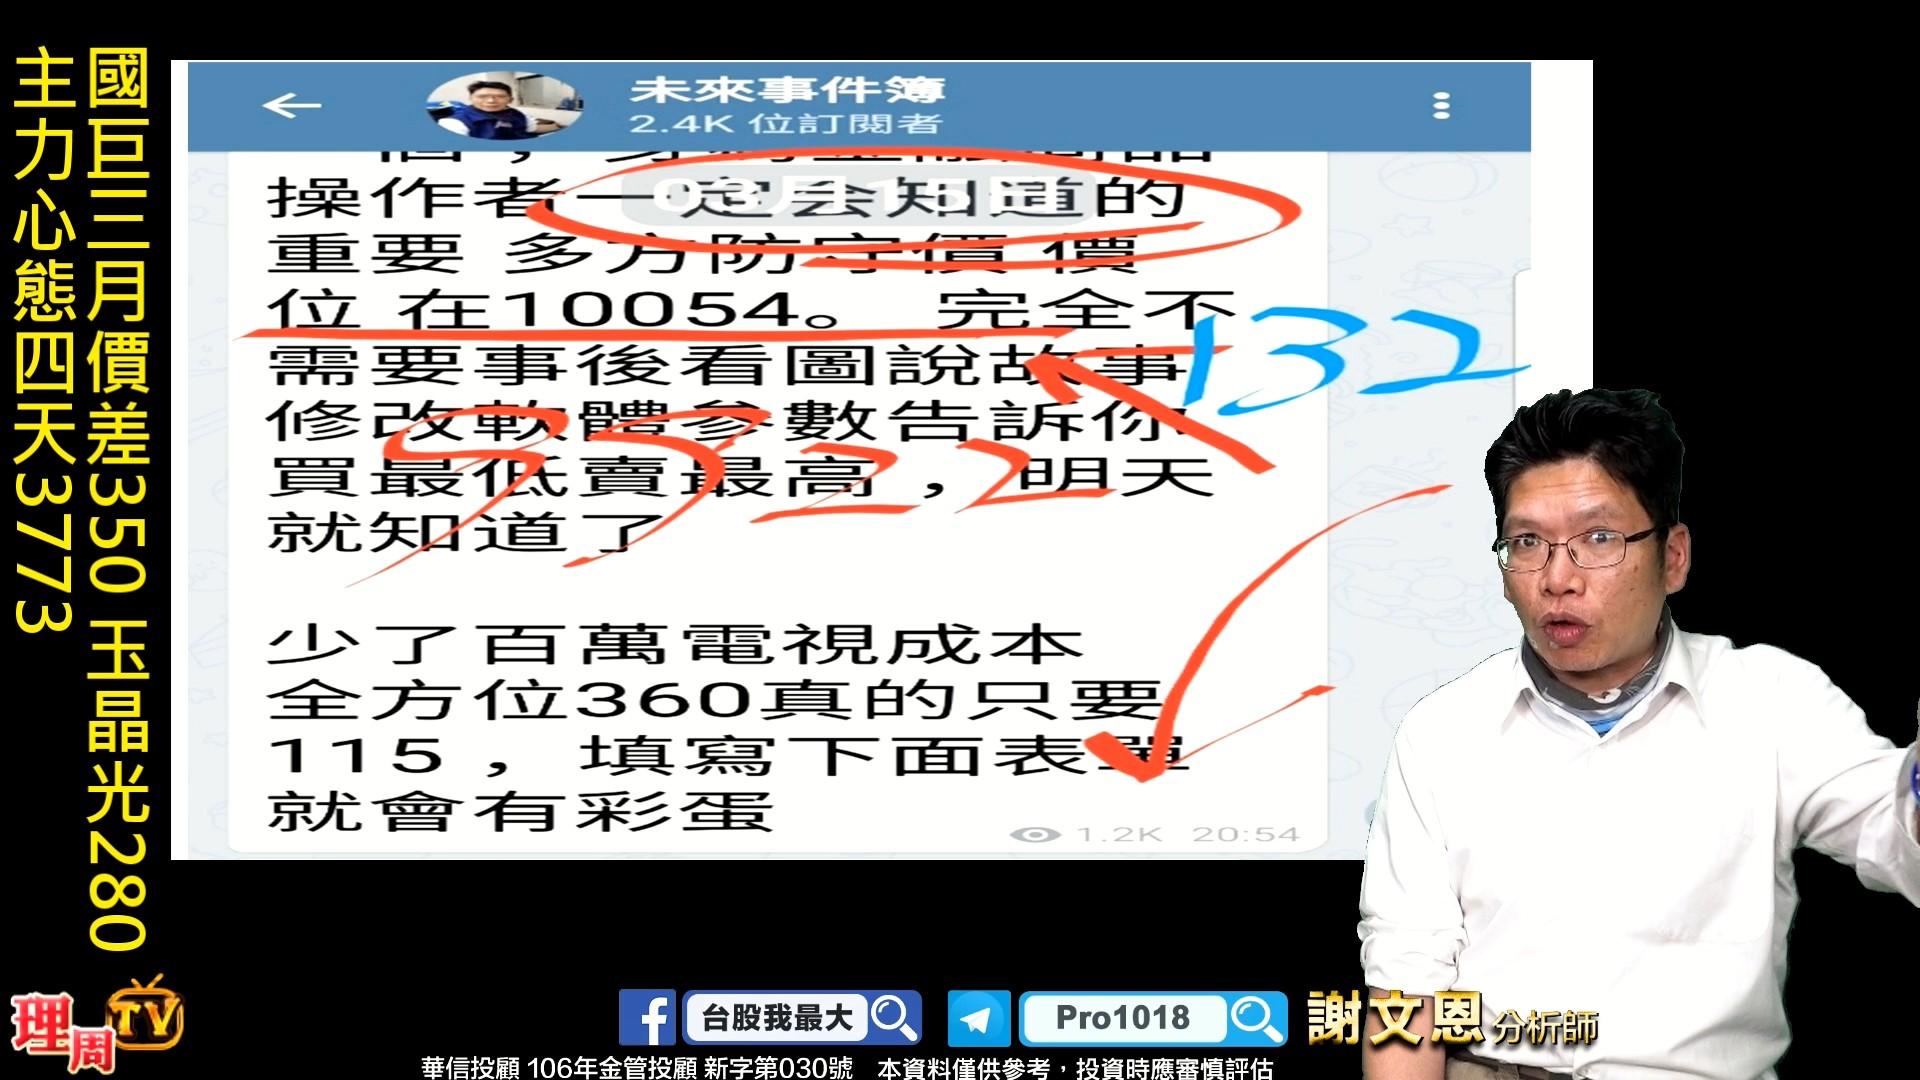 0325_國巨三月價差350 玉晶光280 主力心態四天3773